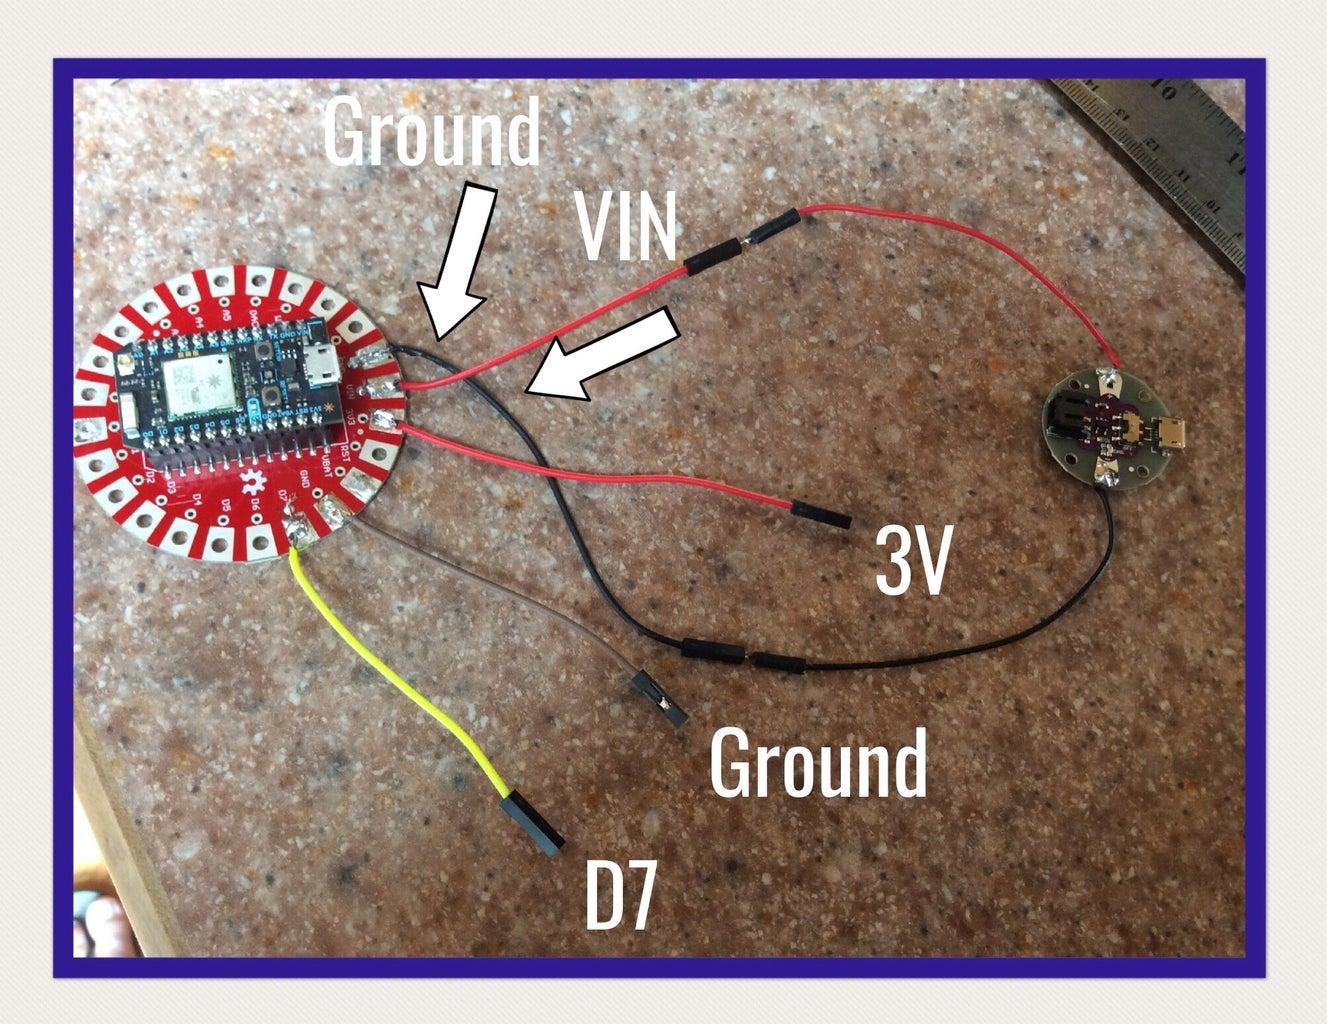 Solder Jumper Wires